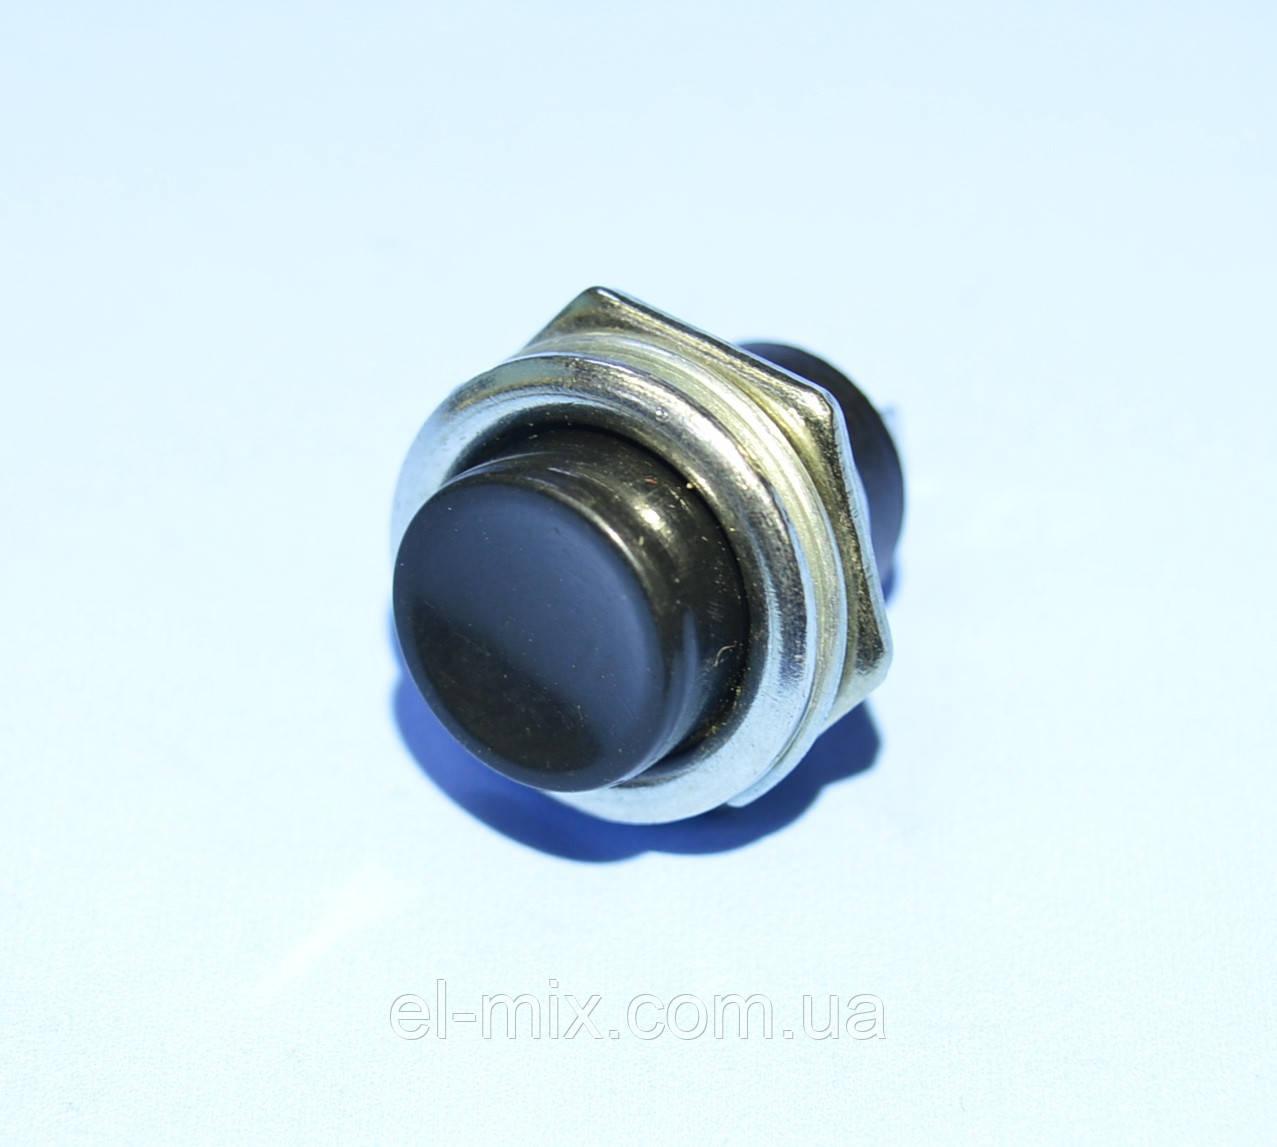 Кнопка без фиксации DS-212 (PBS-26B) черная 1-группа OFF-(ON), Daier